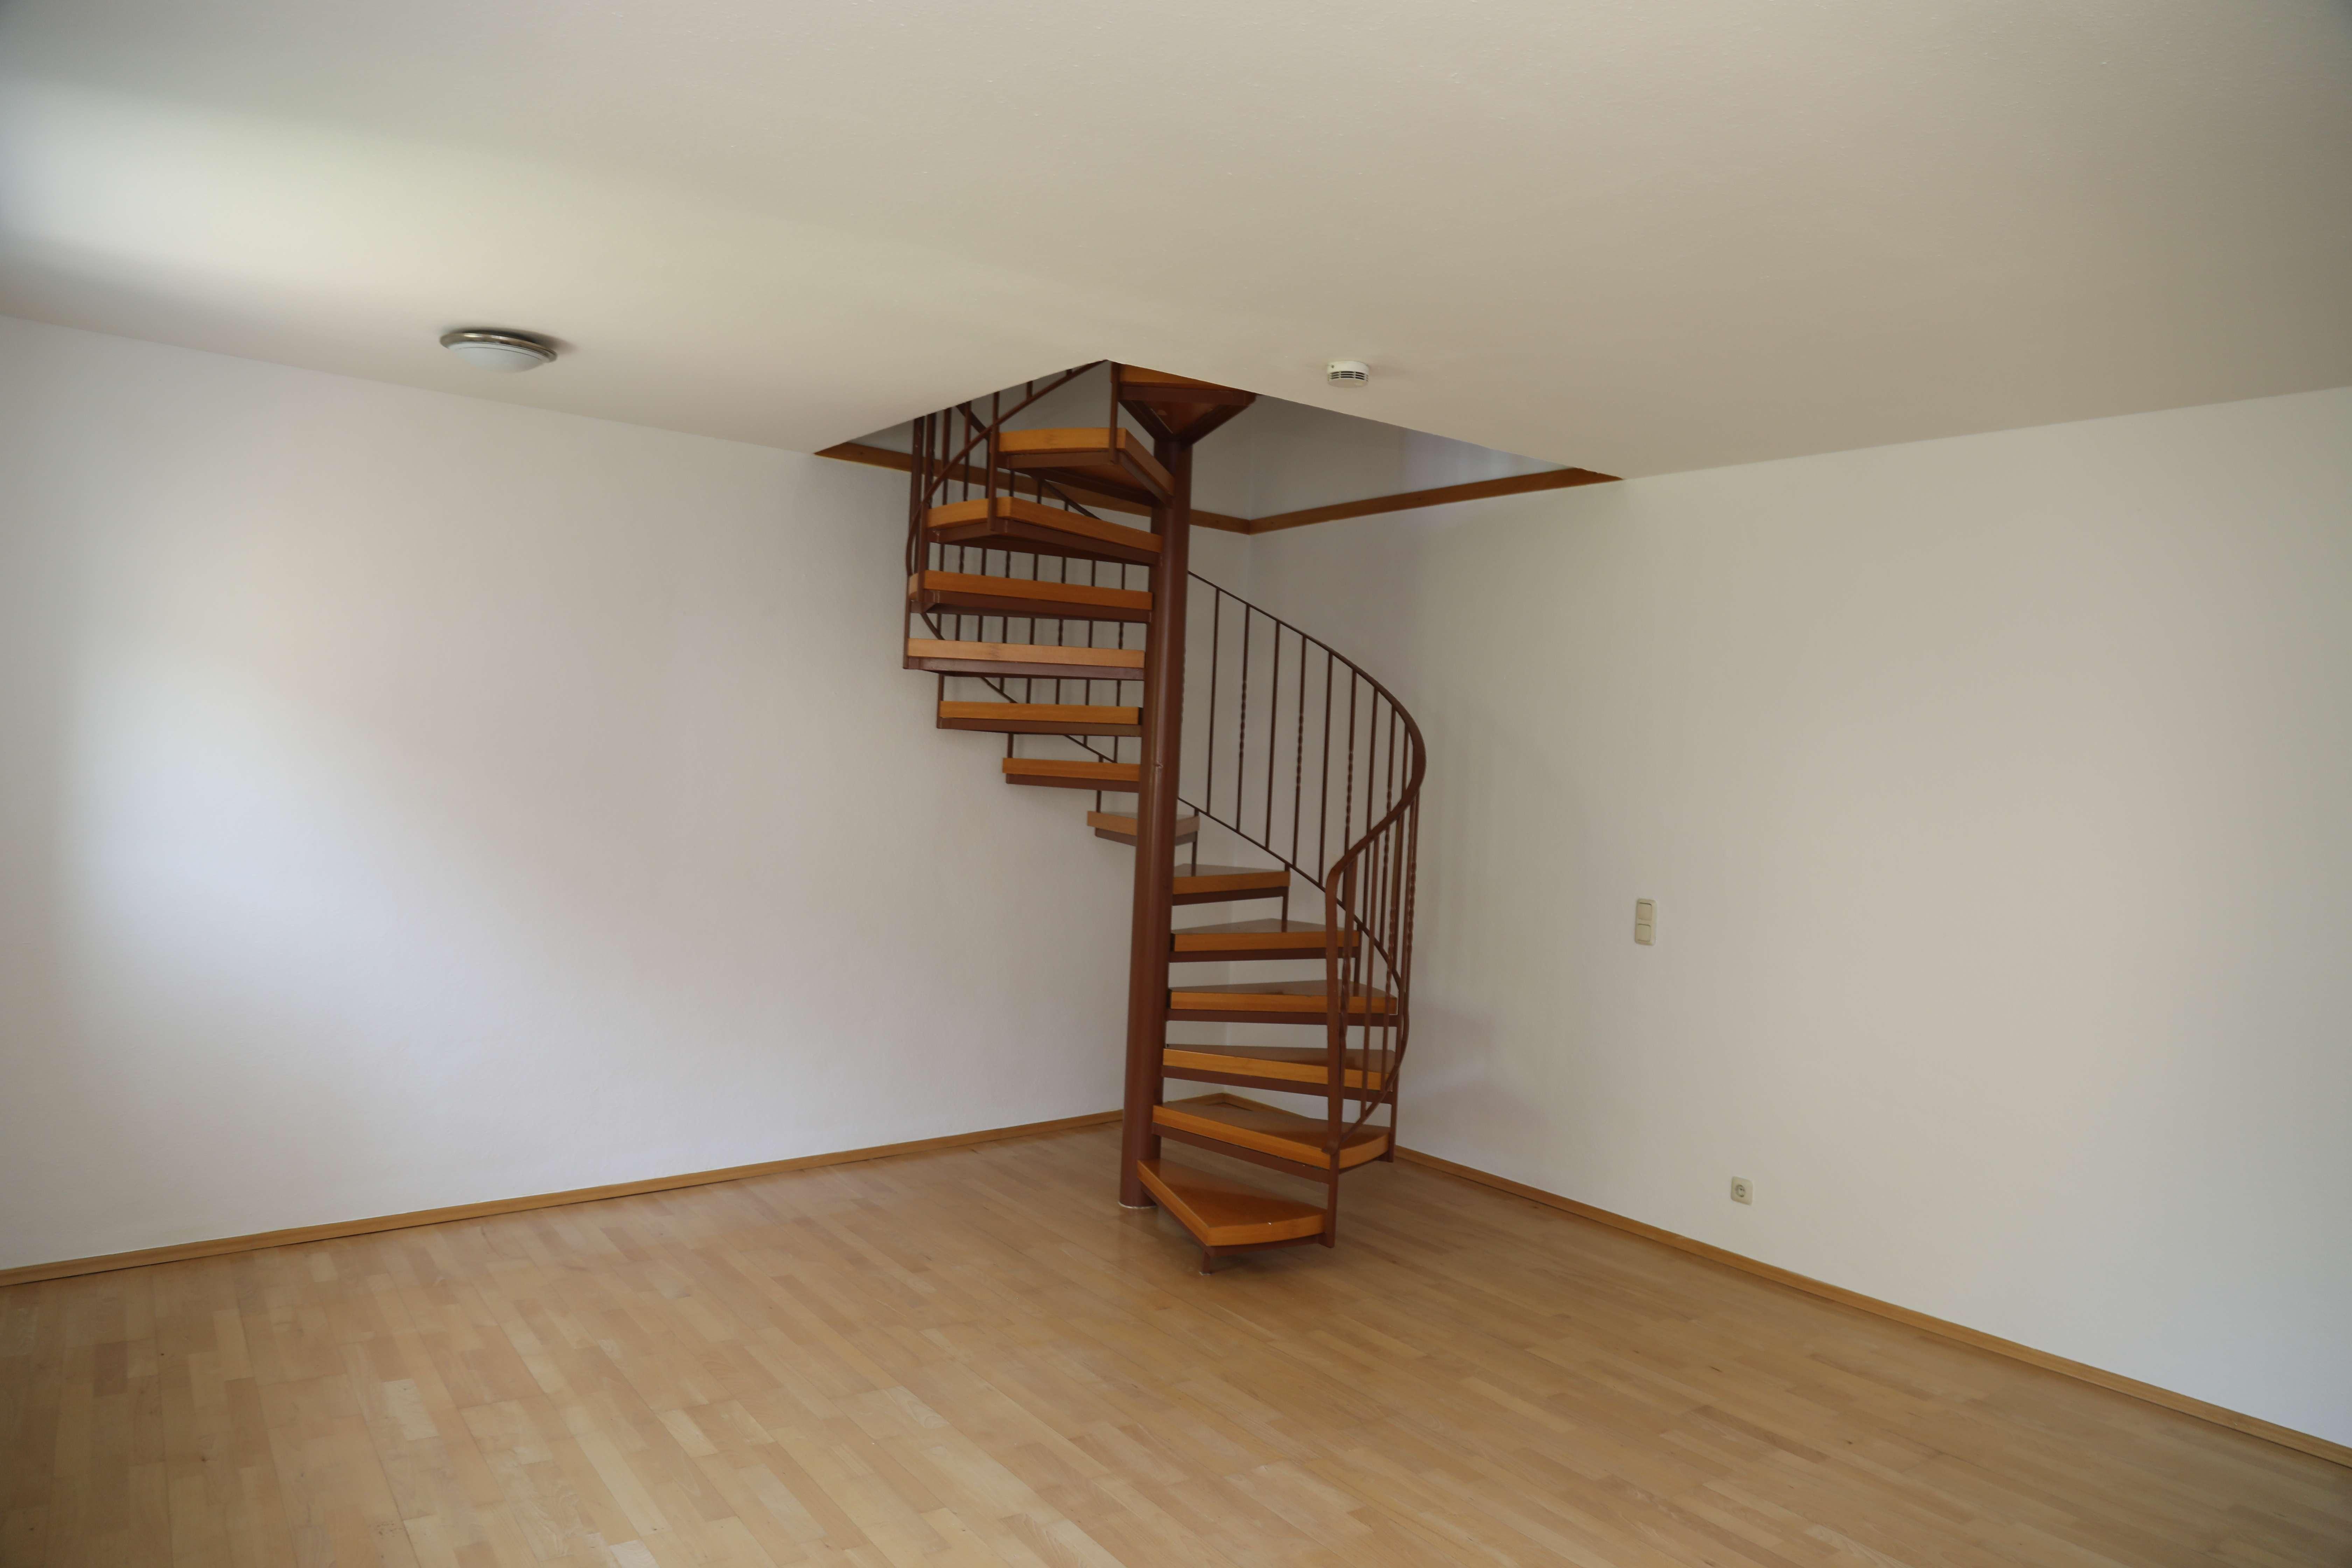 2-Zimmer-Maisonette-Wohnung mit EBK in ruhiger Lage in Höfen